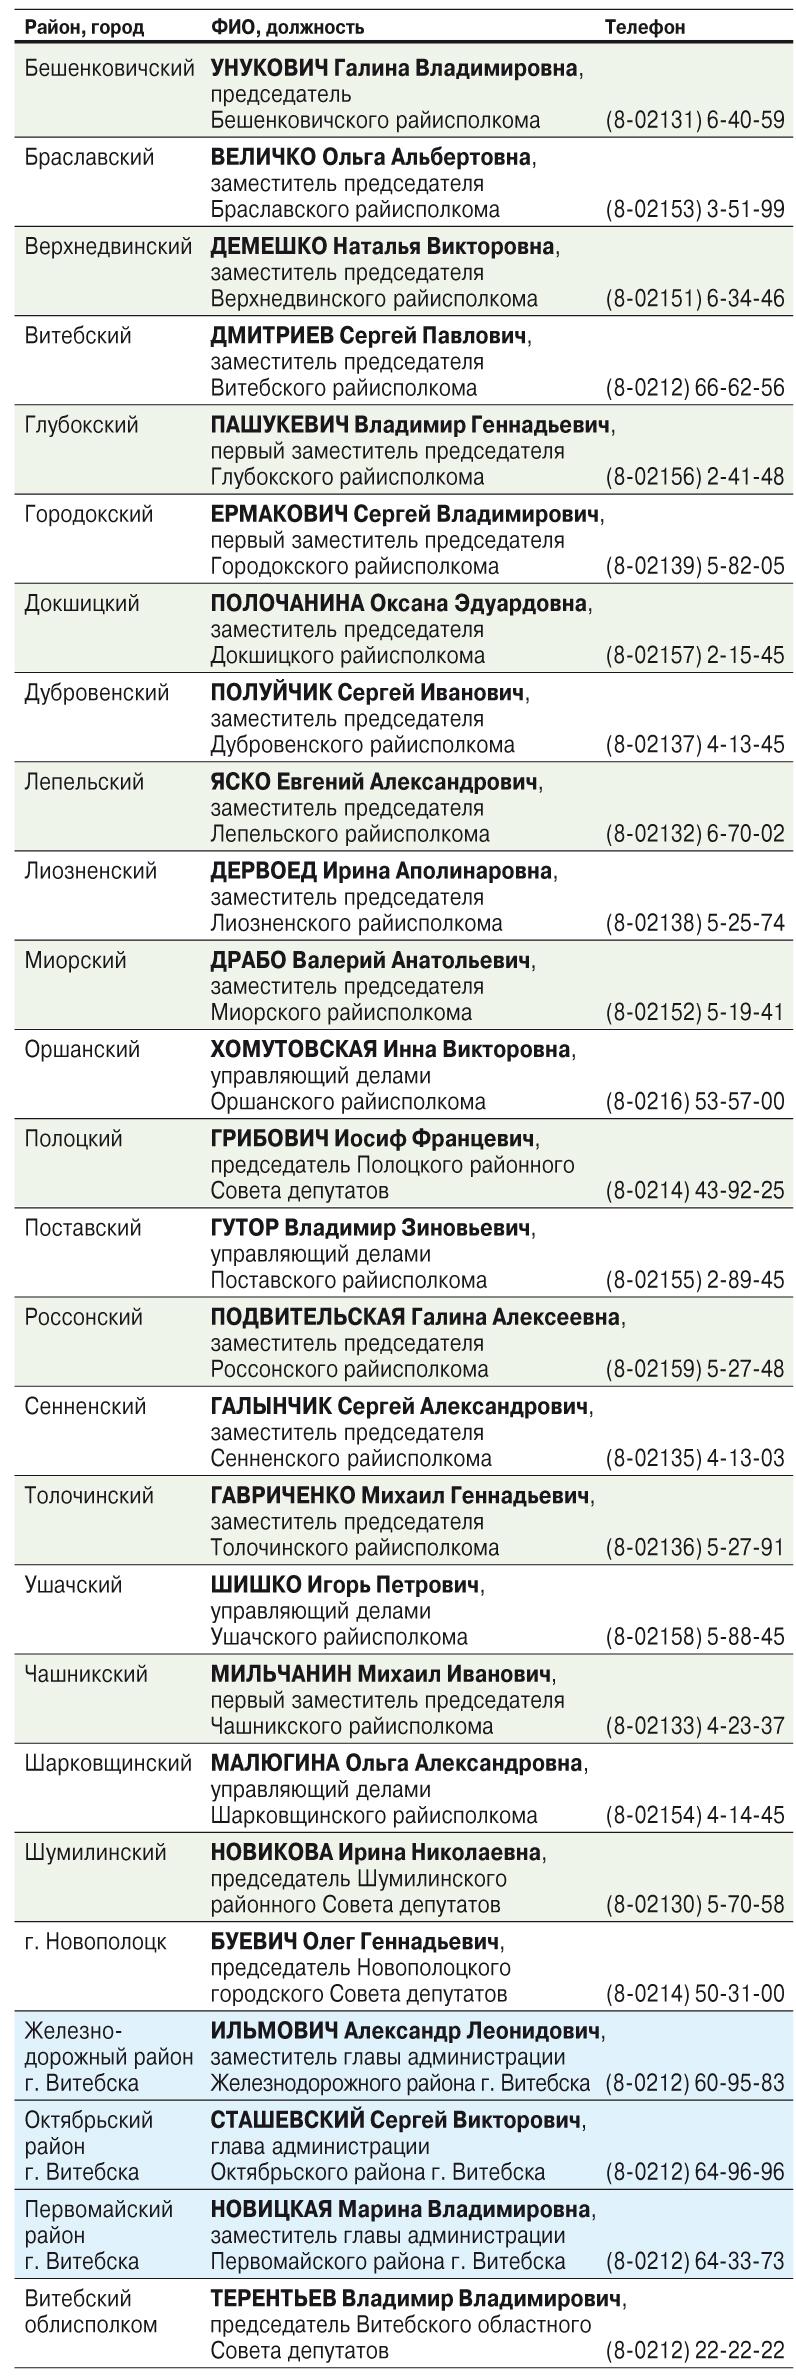 В Витебской области 20 июня пройдут «прямые линии» с руководством исполкомов — номера телефонов